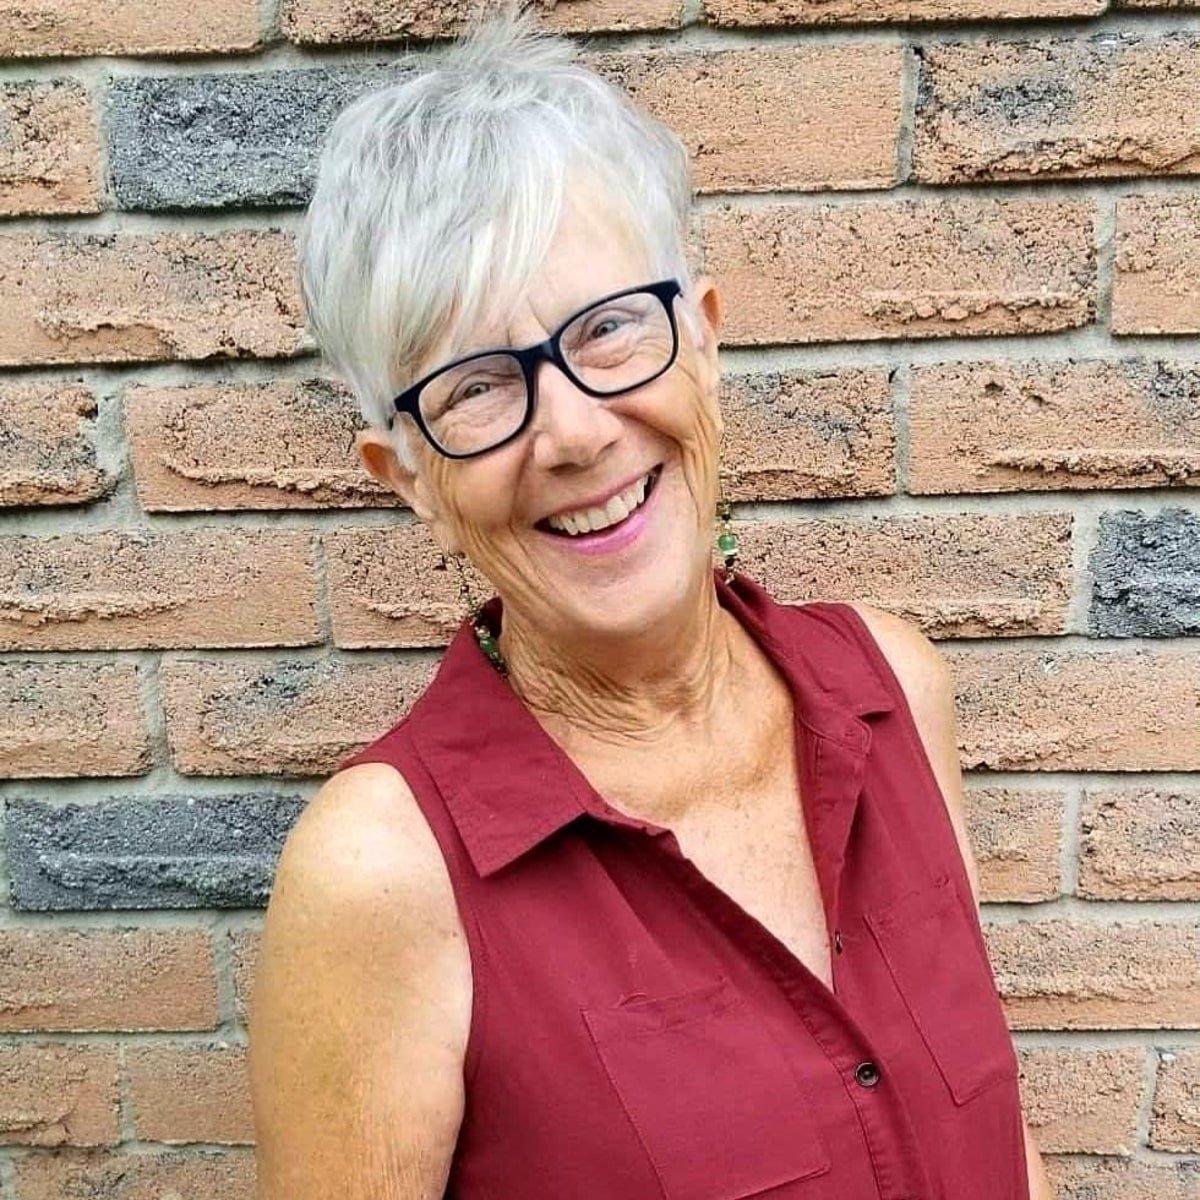 Corte Pixie para mujeres mayores de 60 años con gafas